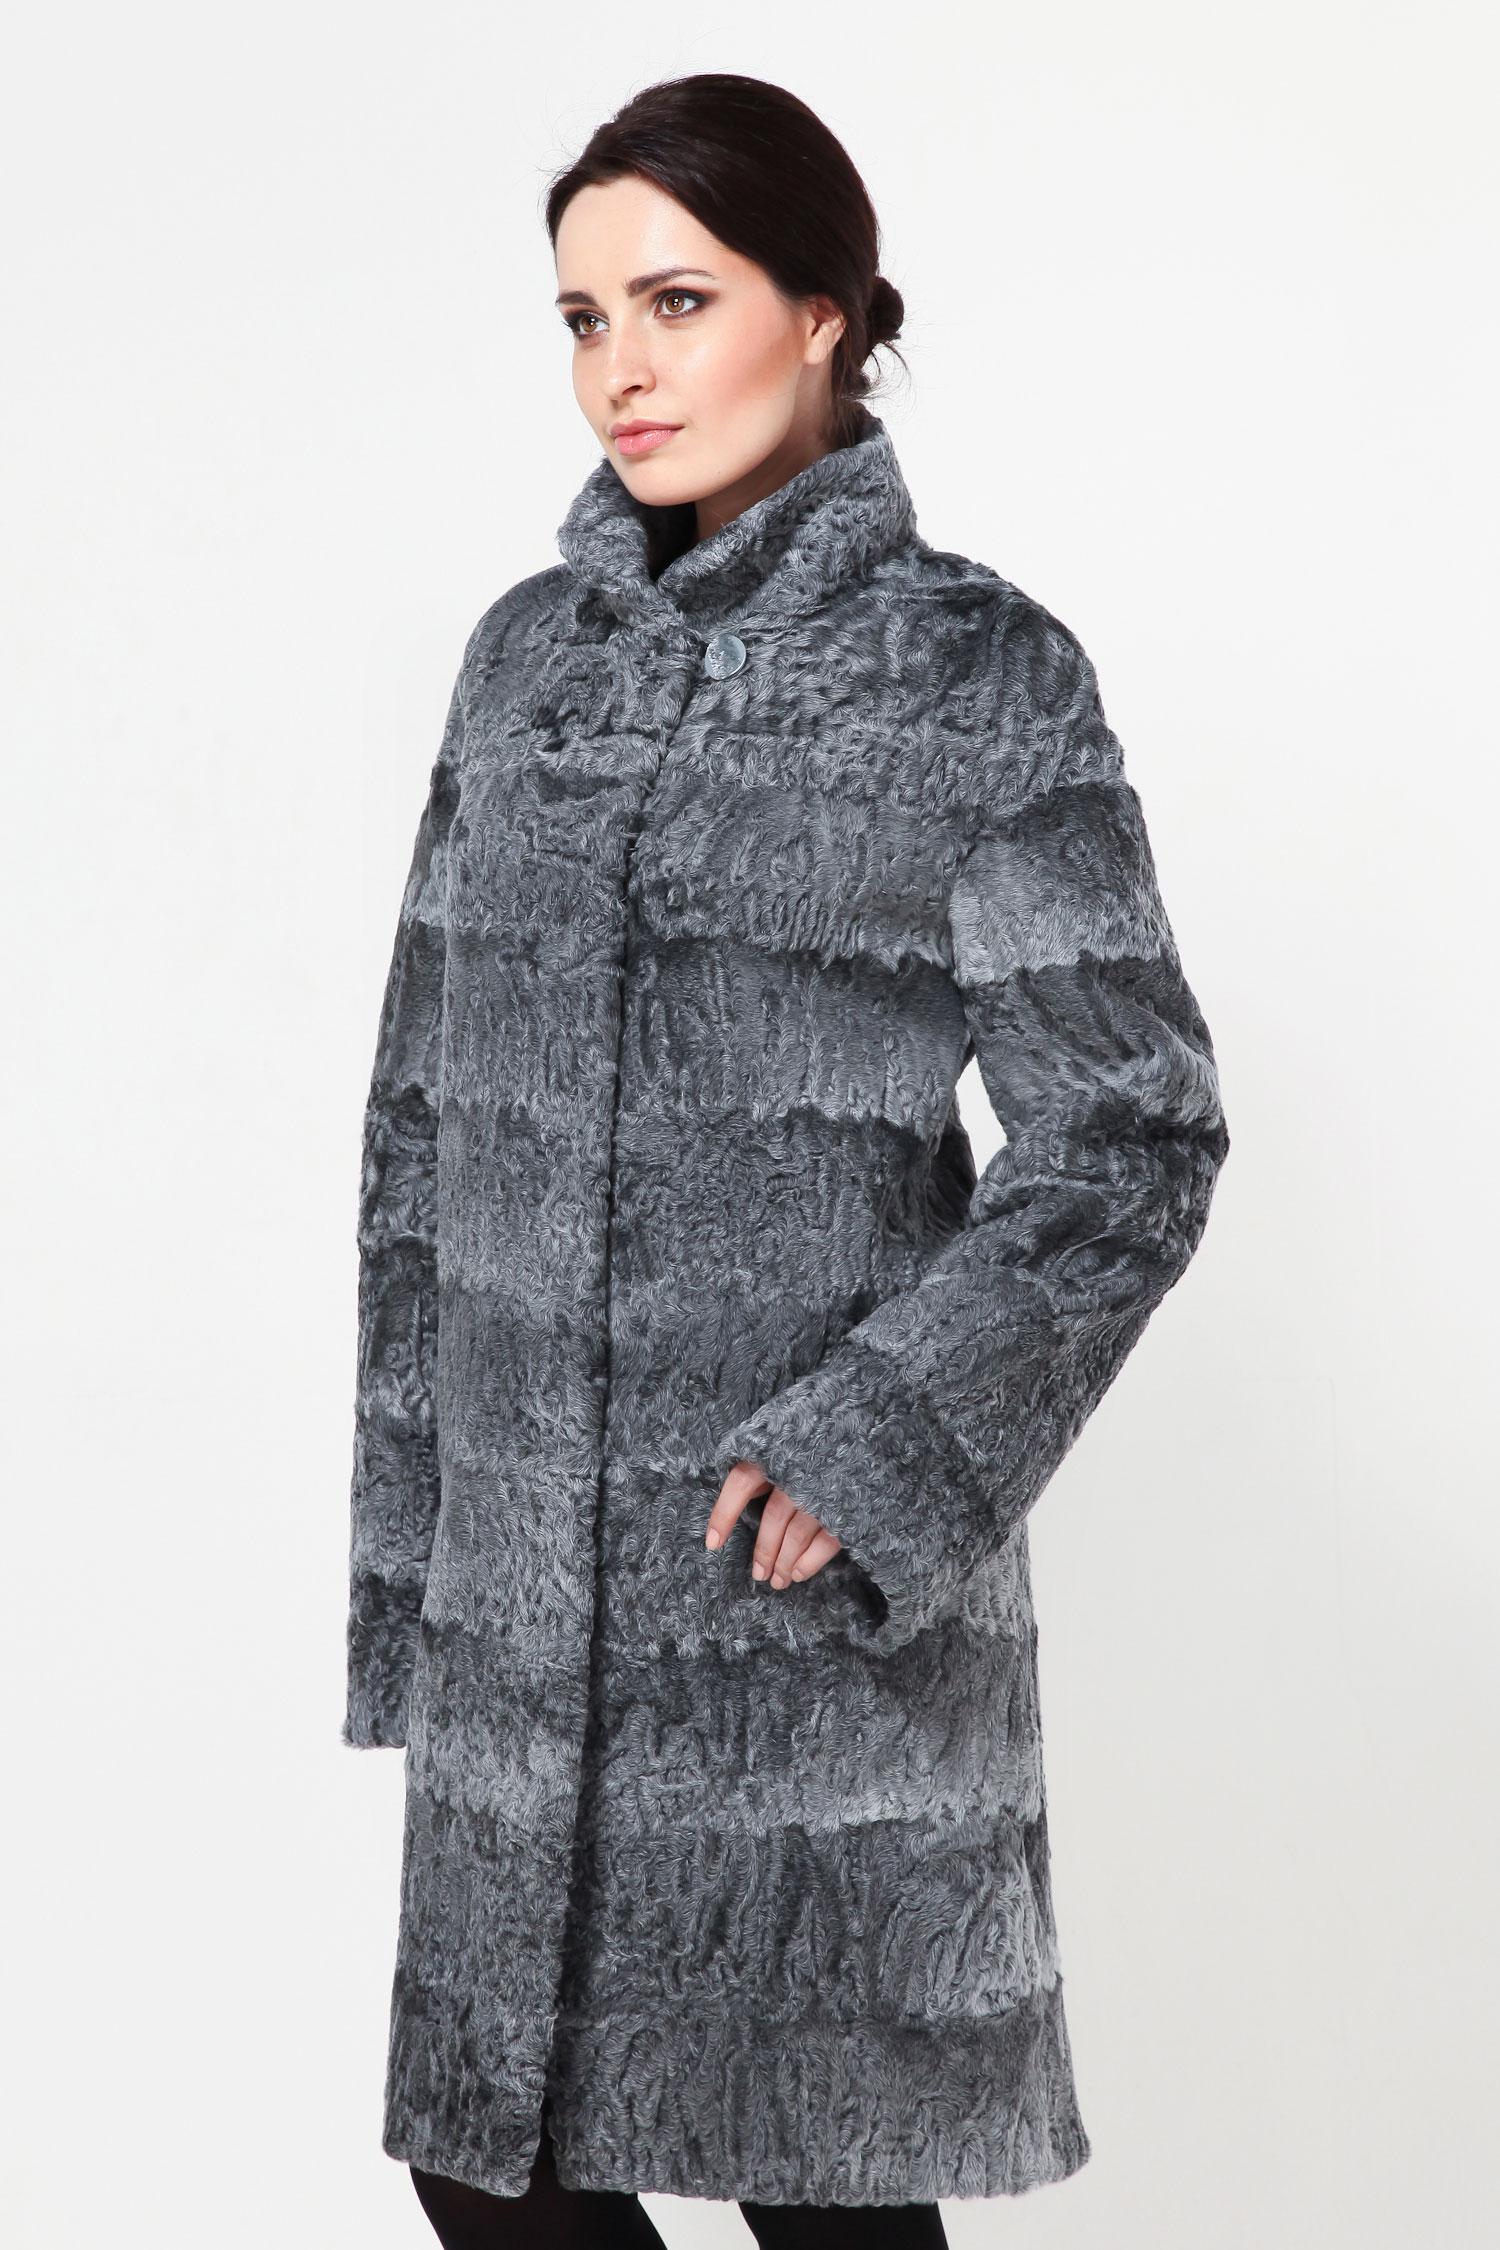 Шуба из каракуля с воротникомСтильное пальто из высокачественного каракуля, купленного на аукционе. Модель Мишель ХВА, поистине эксклюзив, поскольку выделка была во Франции и шили это пальто по последним тенденциям моды!<br><br>Афганский каракуль серого цвета, смотрится очень дорого и стильно! Шуба застегивается на потайные крючки и имеет вместительные карманы. Оригинальная раскладка - поперечными пластинами.<br><br>Пальто очень лёгкое и его можно взять с собой в любую поездку. Модель весьма комфортна и имеет прямой крой.<br><br>Такая шубка подойдет под любой гардероб, что очень удобно!<br><br>Воротник: Стойка<br>Длина см: 100<br>Цвет: Серый<br>Пол: Женский